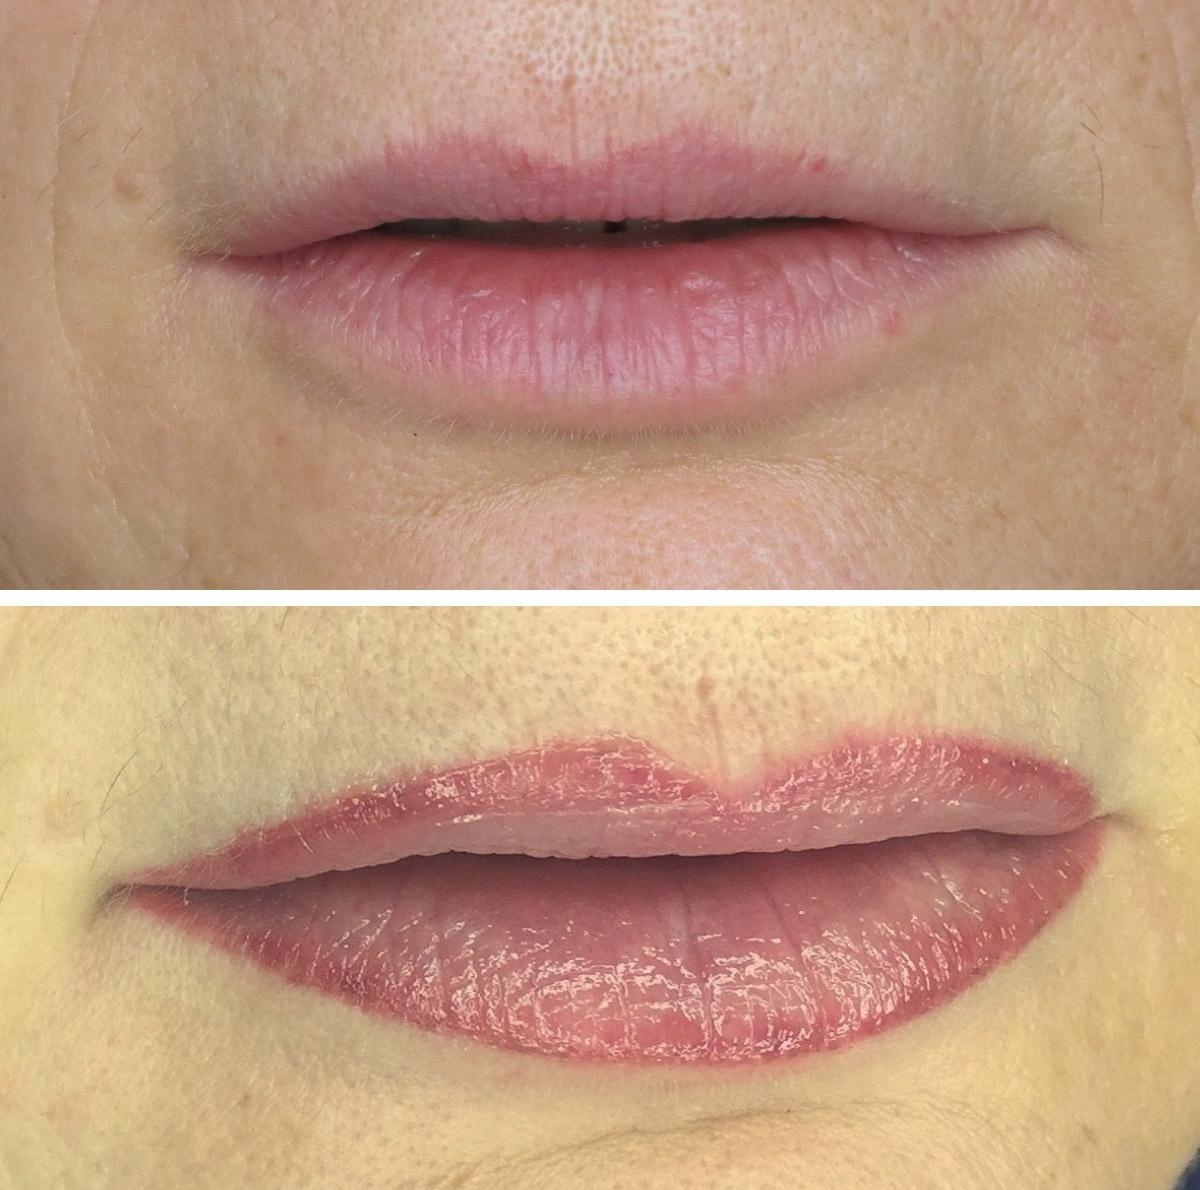 30 days healed blended lip liner